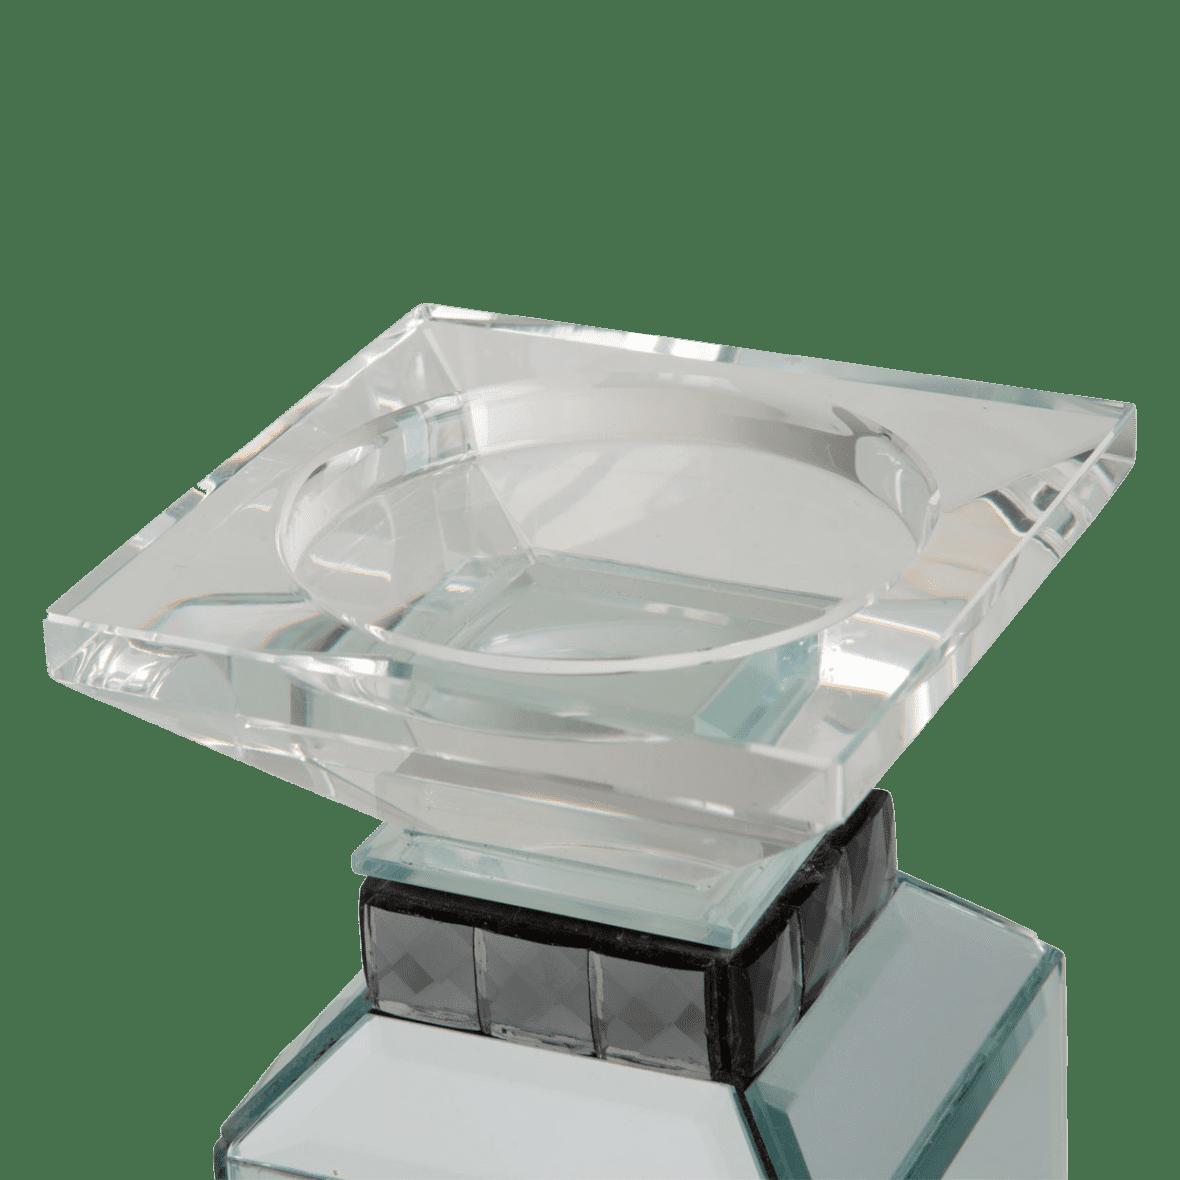 Зеркальный подсвечник 3 уровня